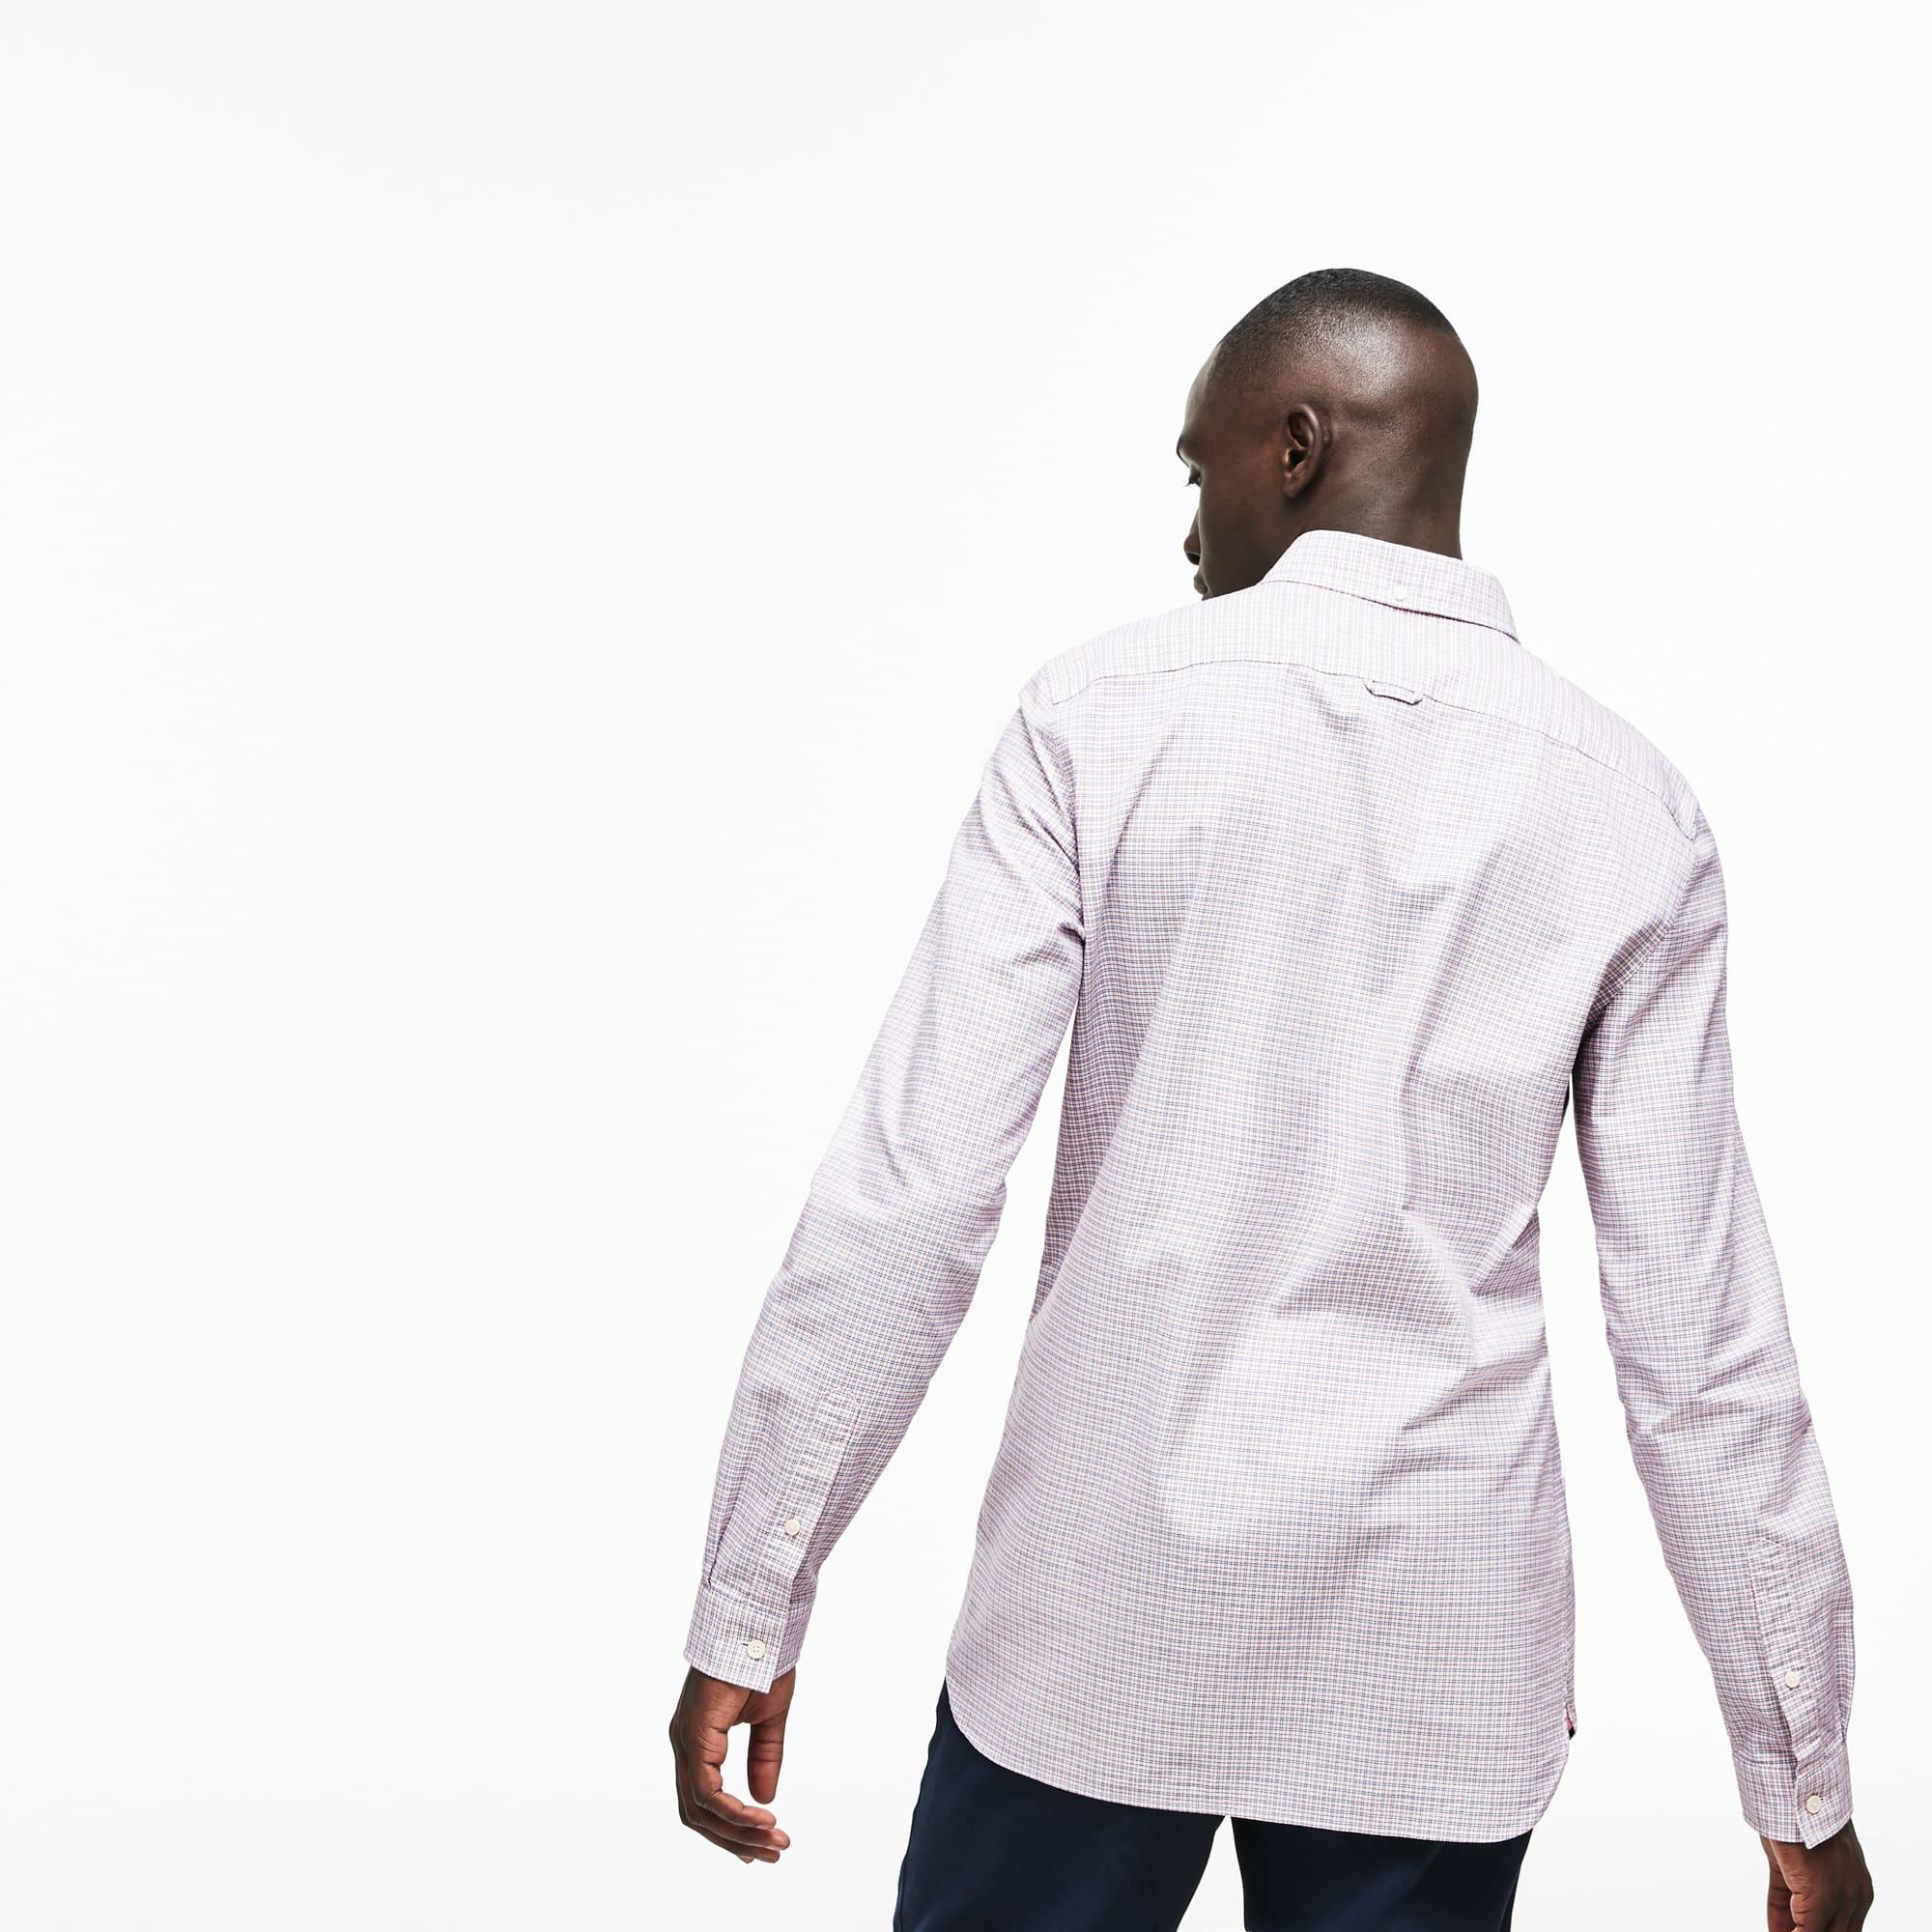 Lacoste - Camisa De Hombre Slim Fit En Algodón Oxford Elástico De Cuadros - 3